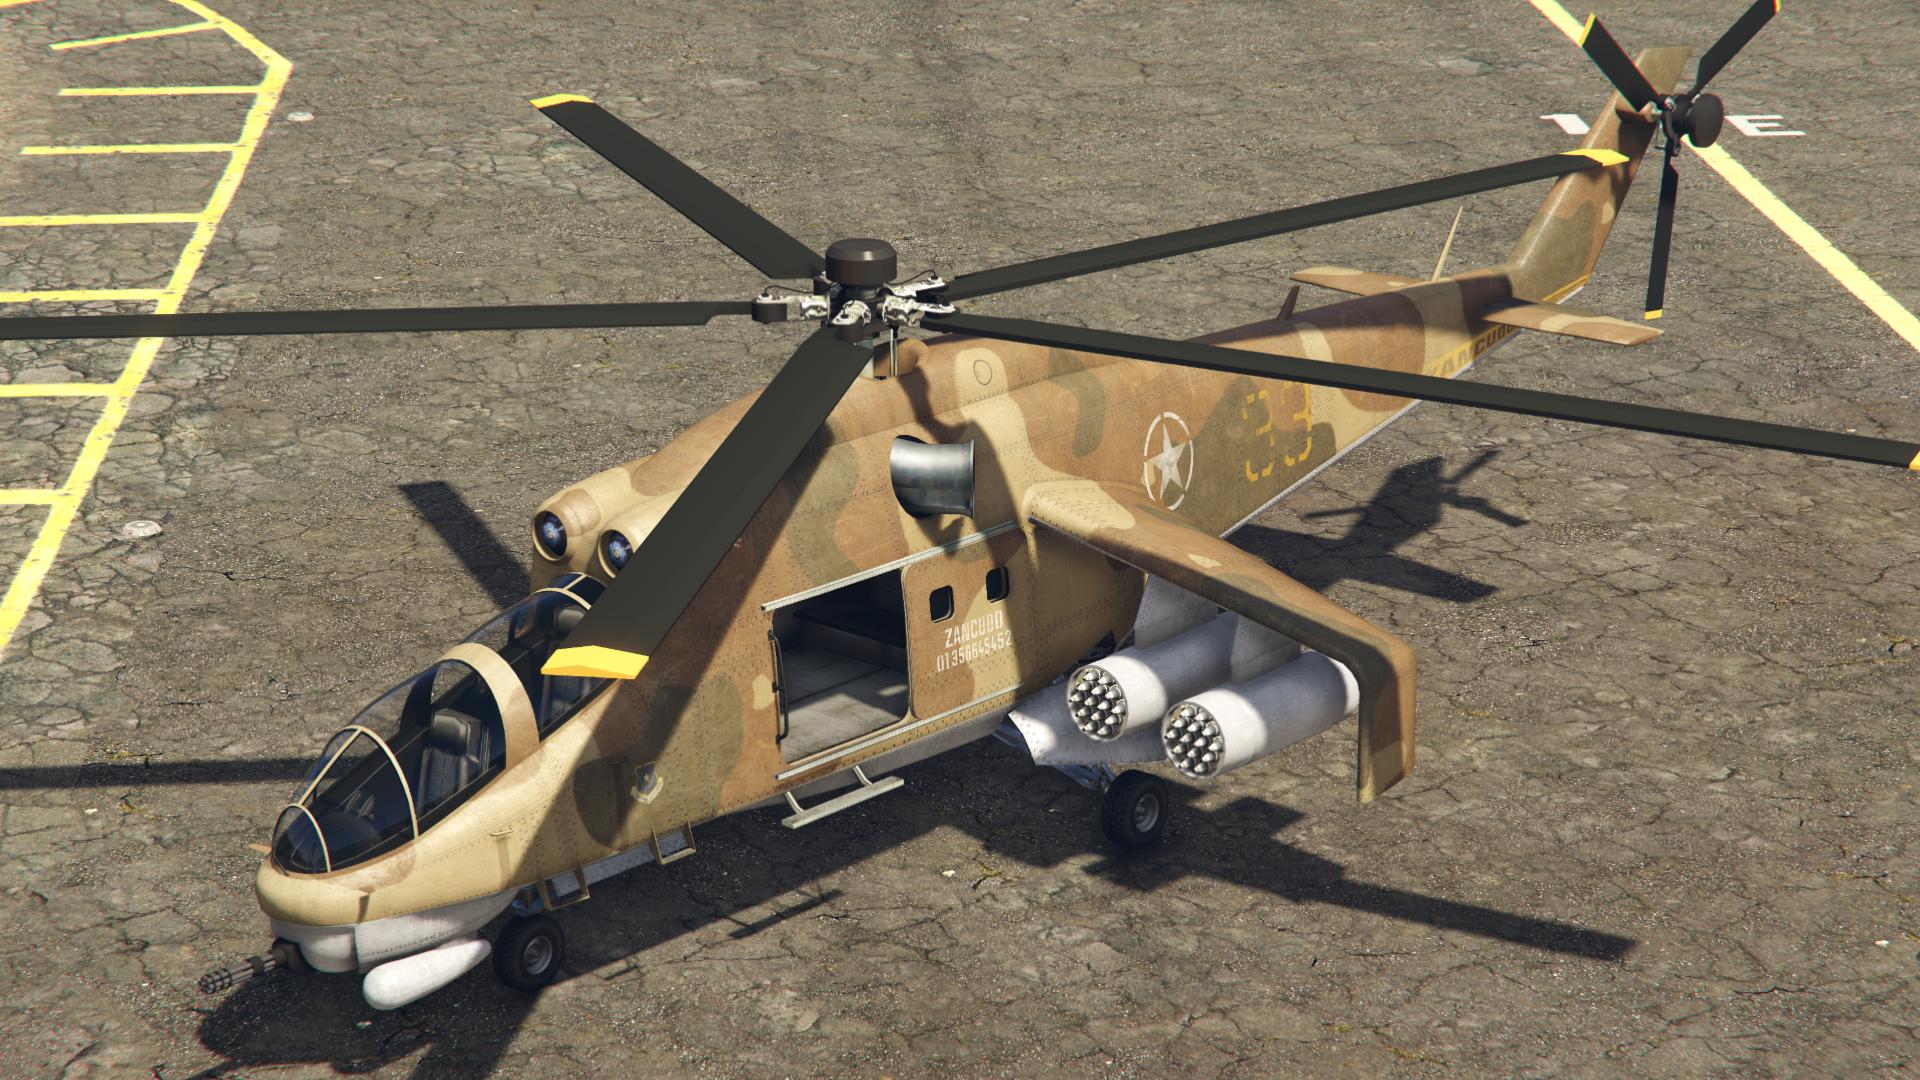 Служебный транспорт в GTA 5  Grand Theft Auto 5